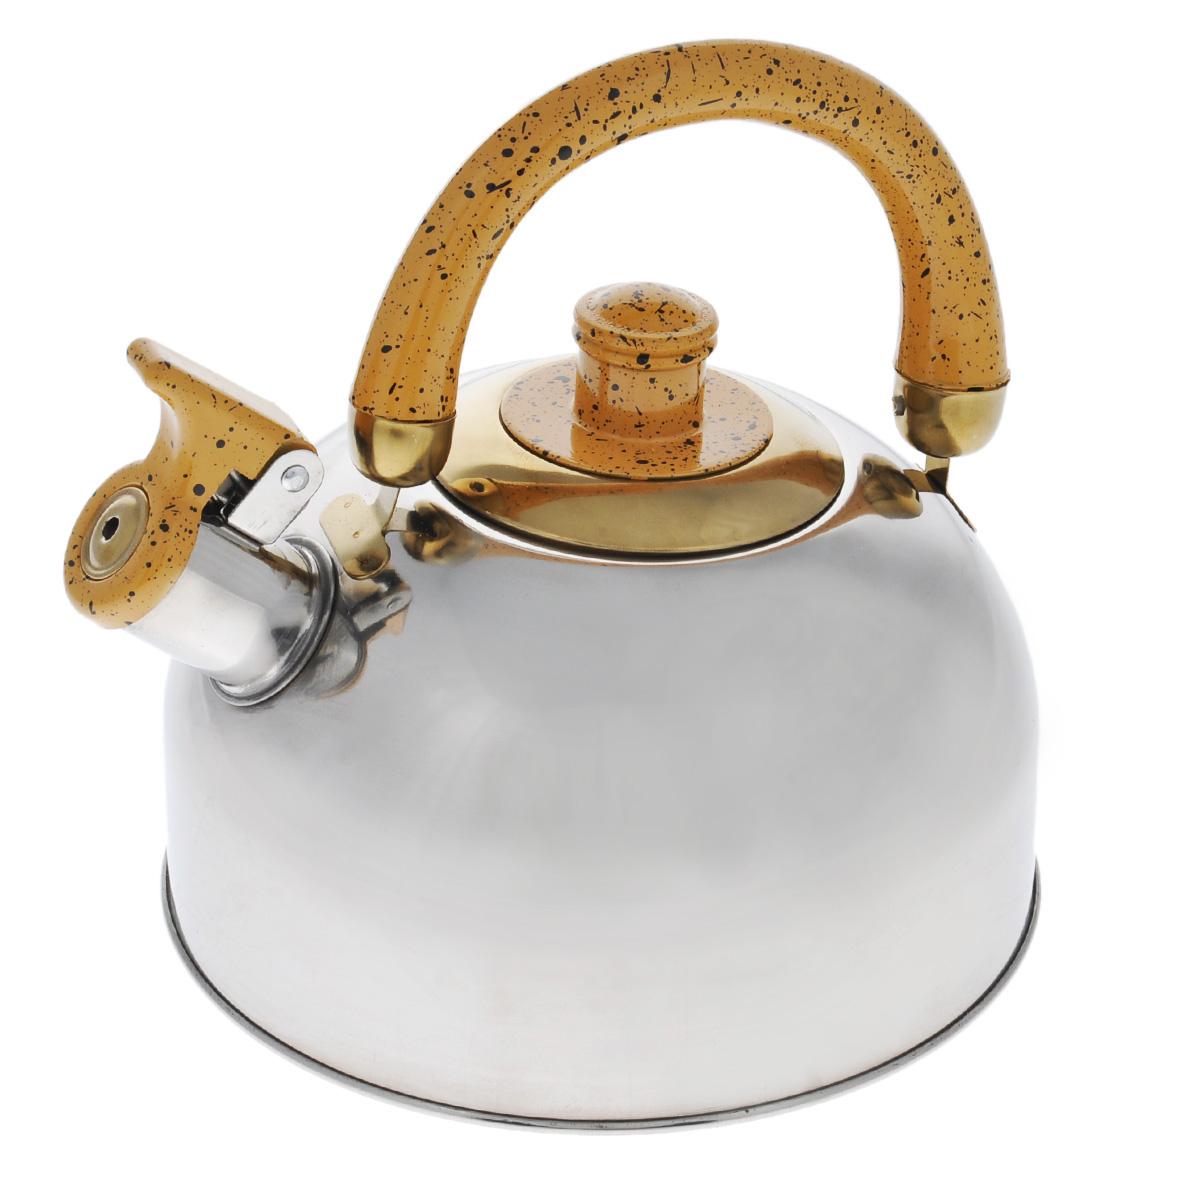 Чайник Mayer & Boch, со свистком, цвет: золотистый, 2 л. MB-1622MB-1622Чайник Mayer & Boch выполнен из шлифованной зеркальной нержавеющей стали высокой прочности. Чайник оснащен откидным свистком, который громко оповестит о закипании воды. Удобная эргономичная ручка и крышка выполнены из бакелита. Такой чайник идеально впишется в интерьер любой кухни и станет замечательным подарком к любому случаю. Подходит для газовых, электрических, стеклокерамических, галогеновых плит. Не подходит для индукционных плит. Можно мыть в посудомоечной машине. Диаметр чайника (по верхнему краю): 8,5 см. Высота чайника (с учетом ручки): 20 см.